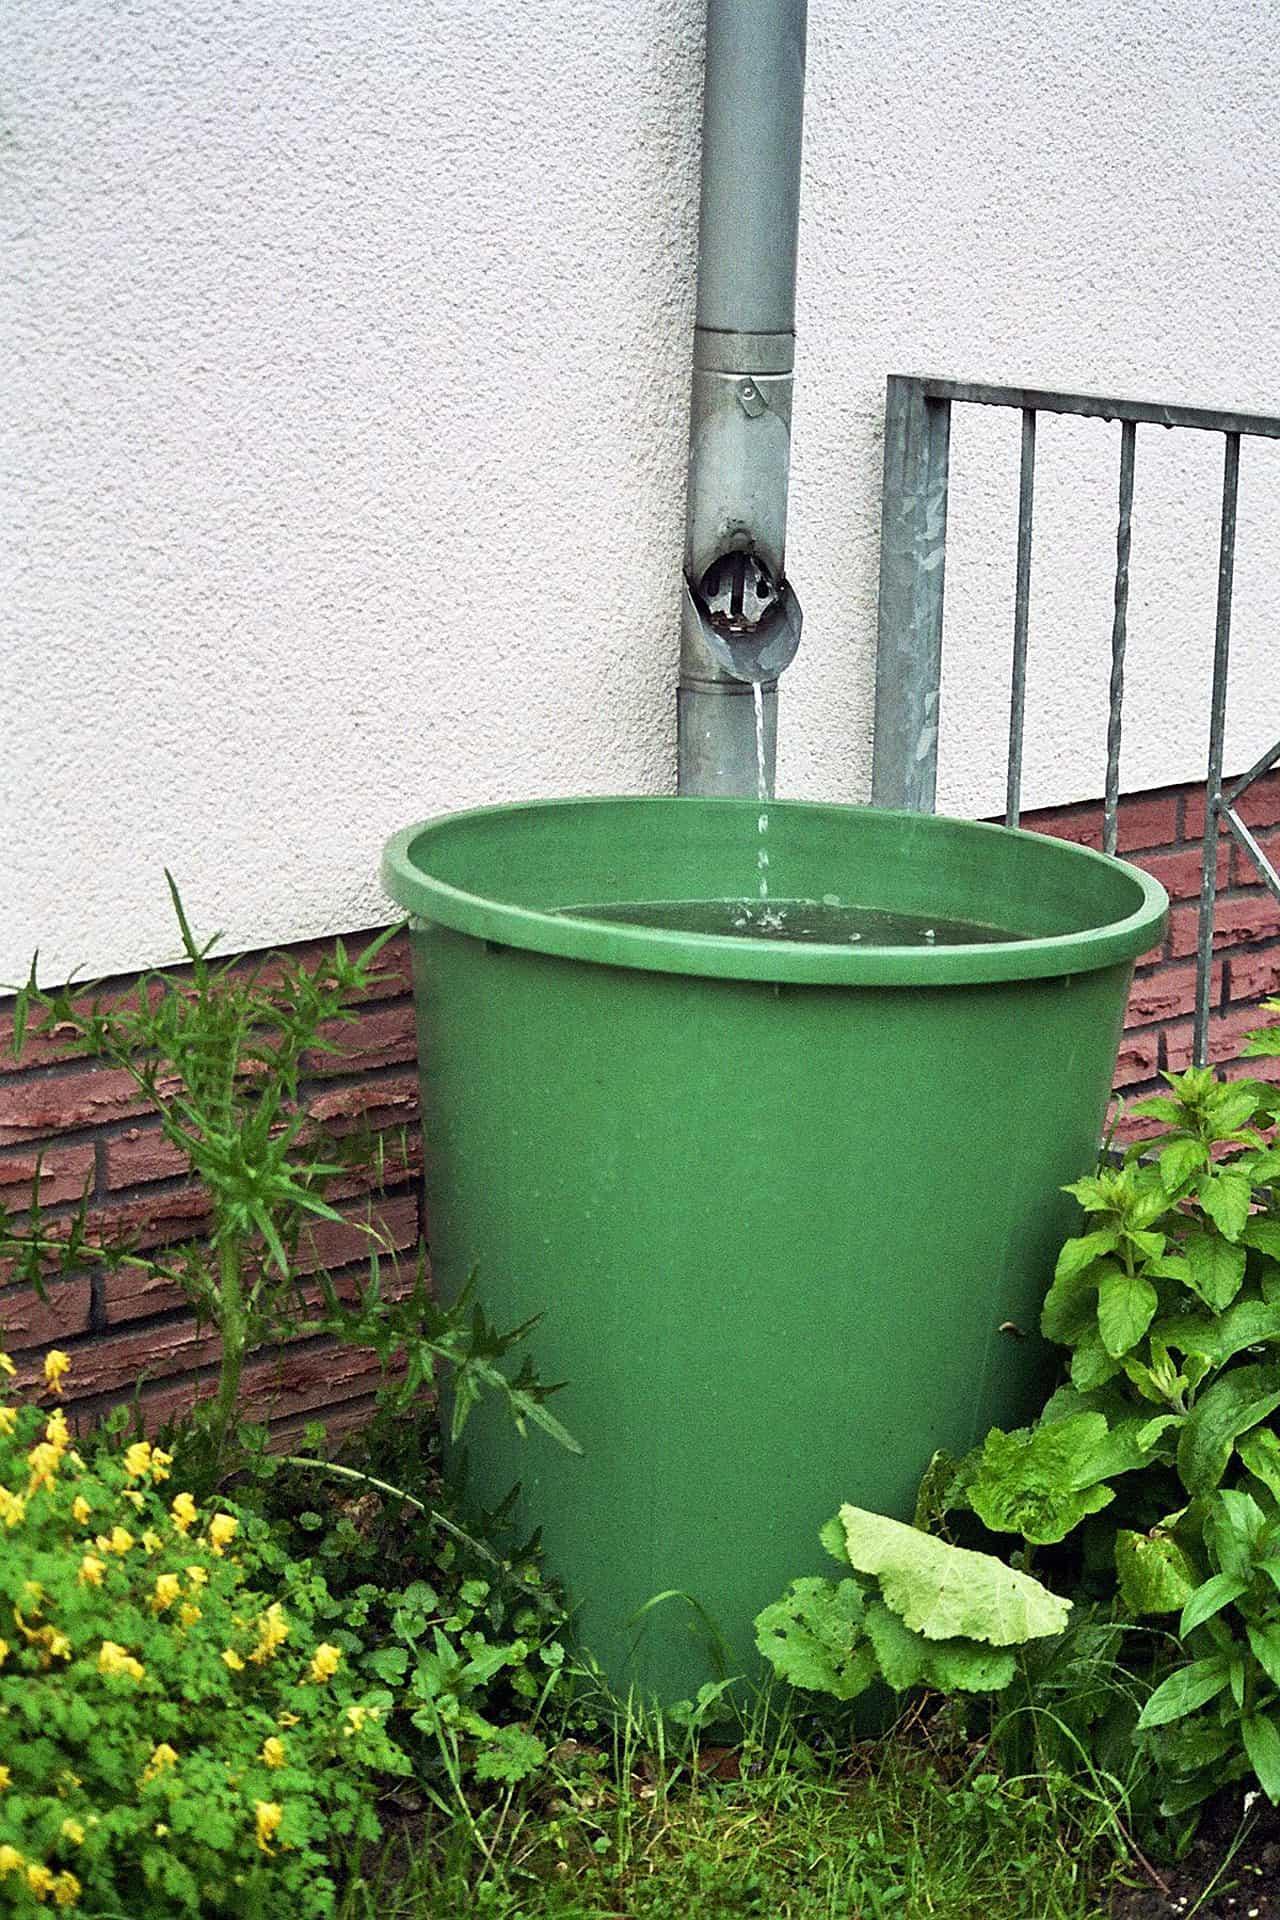 Fabelhaft Der Regenwassertank – spart Geld und schont die Umwelt - nachgeharkt &PG_42